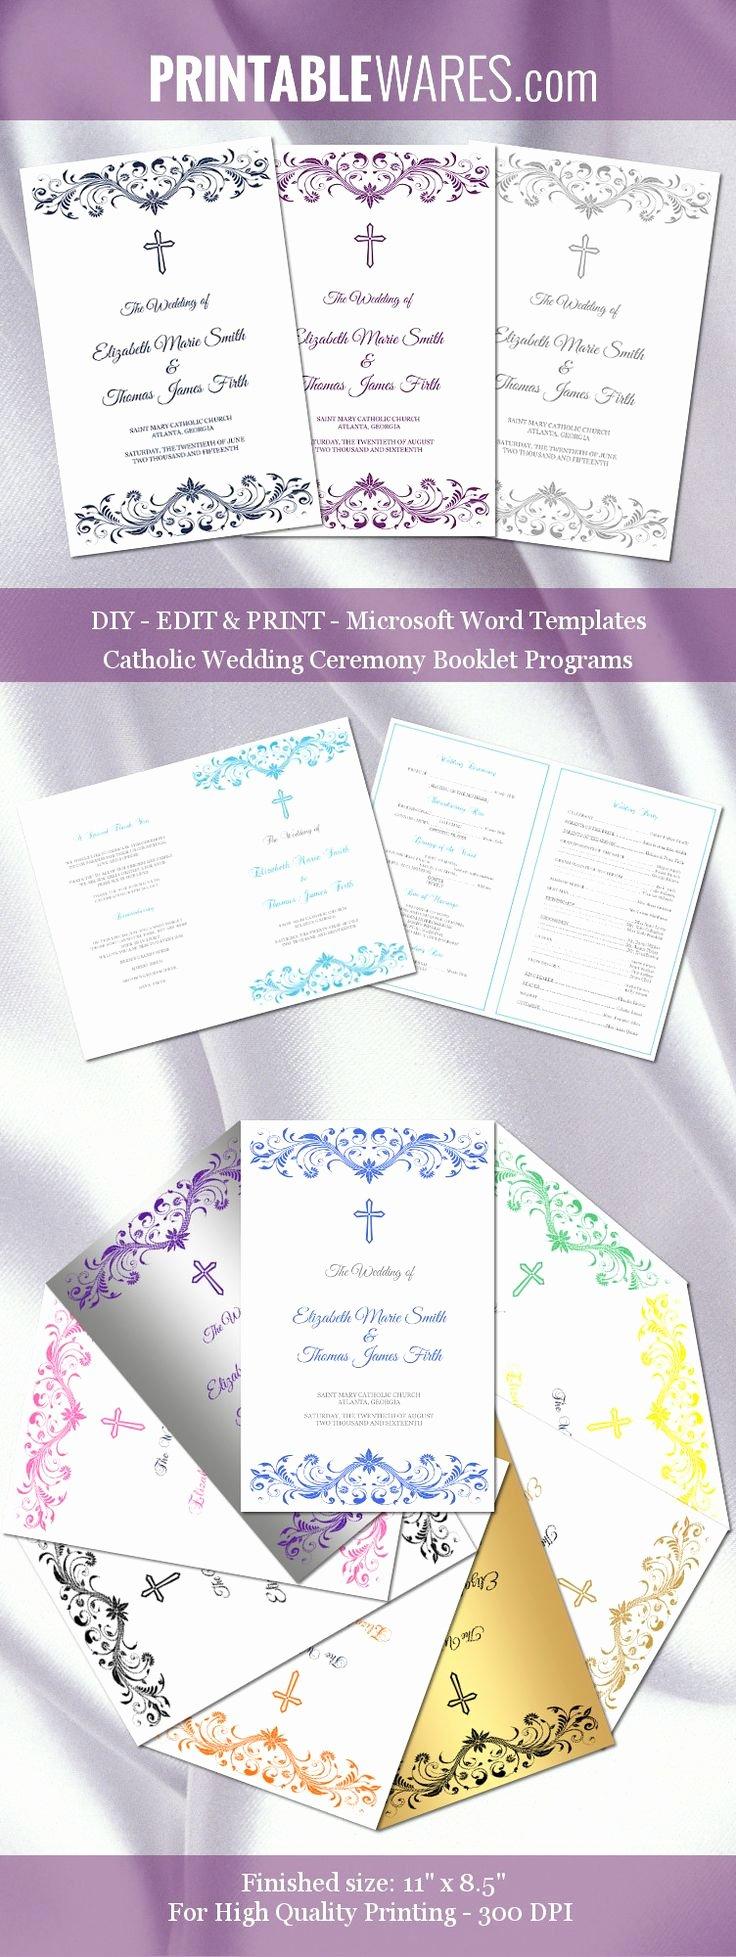 Catholic Wedding Program Templates Free Best Of Catholic Wedding Program Templates for Microsoft Word You